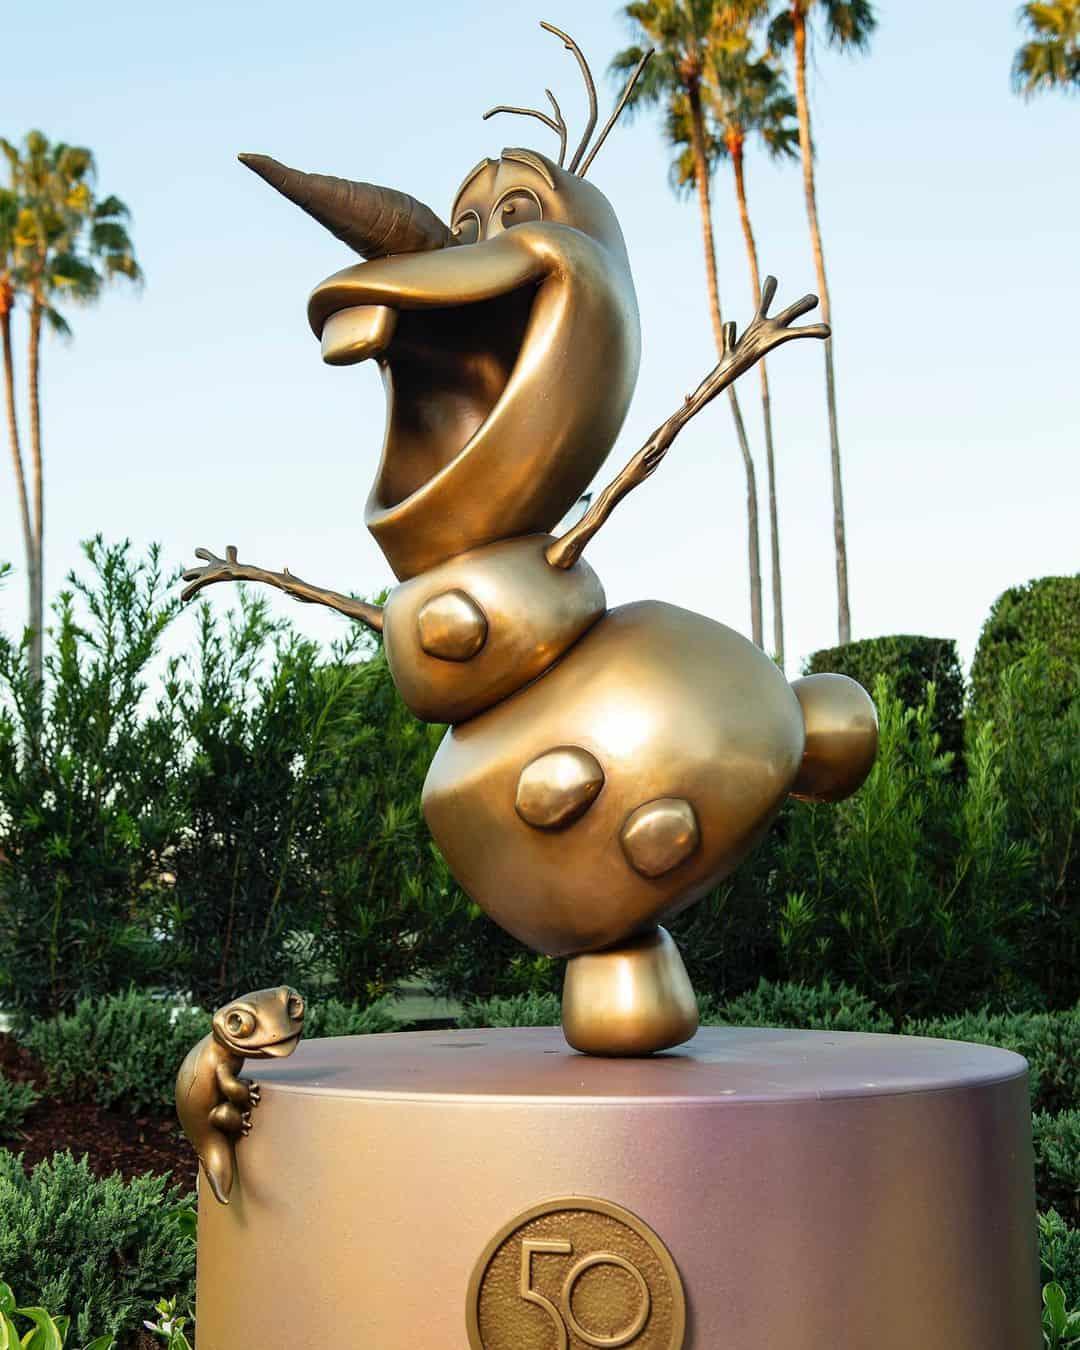 Olaf fab 50 epcot statue